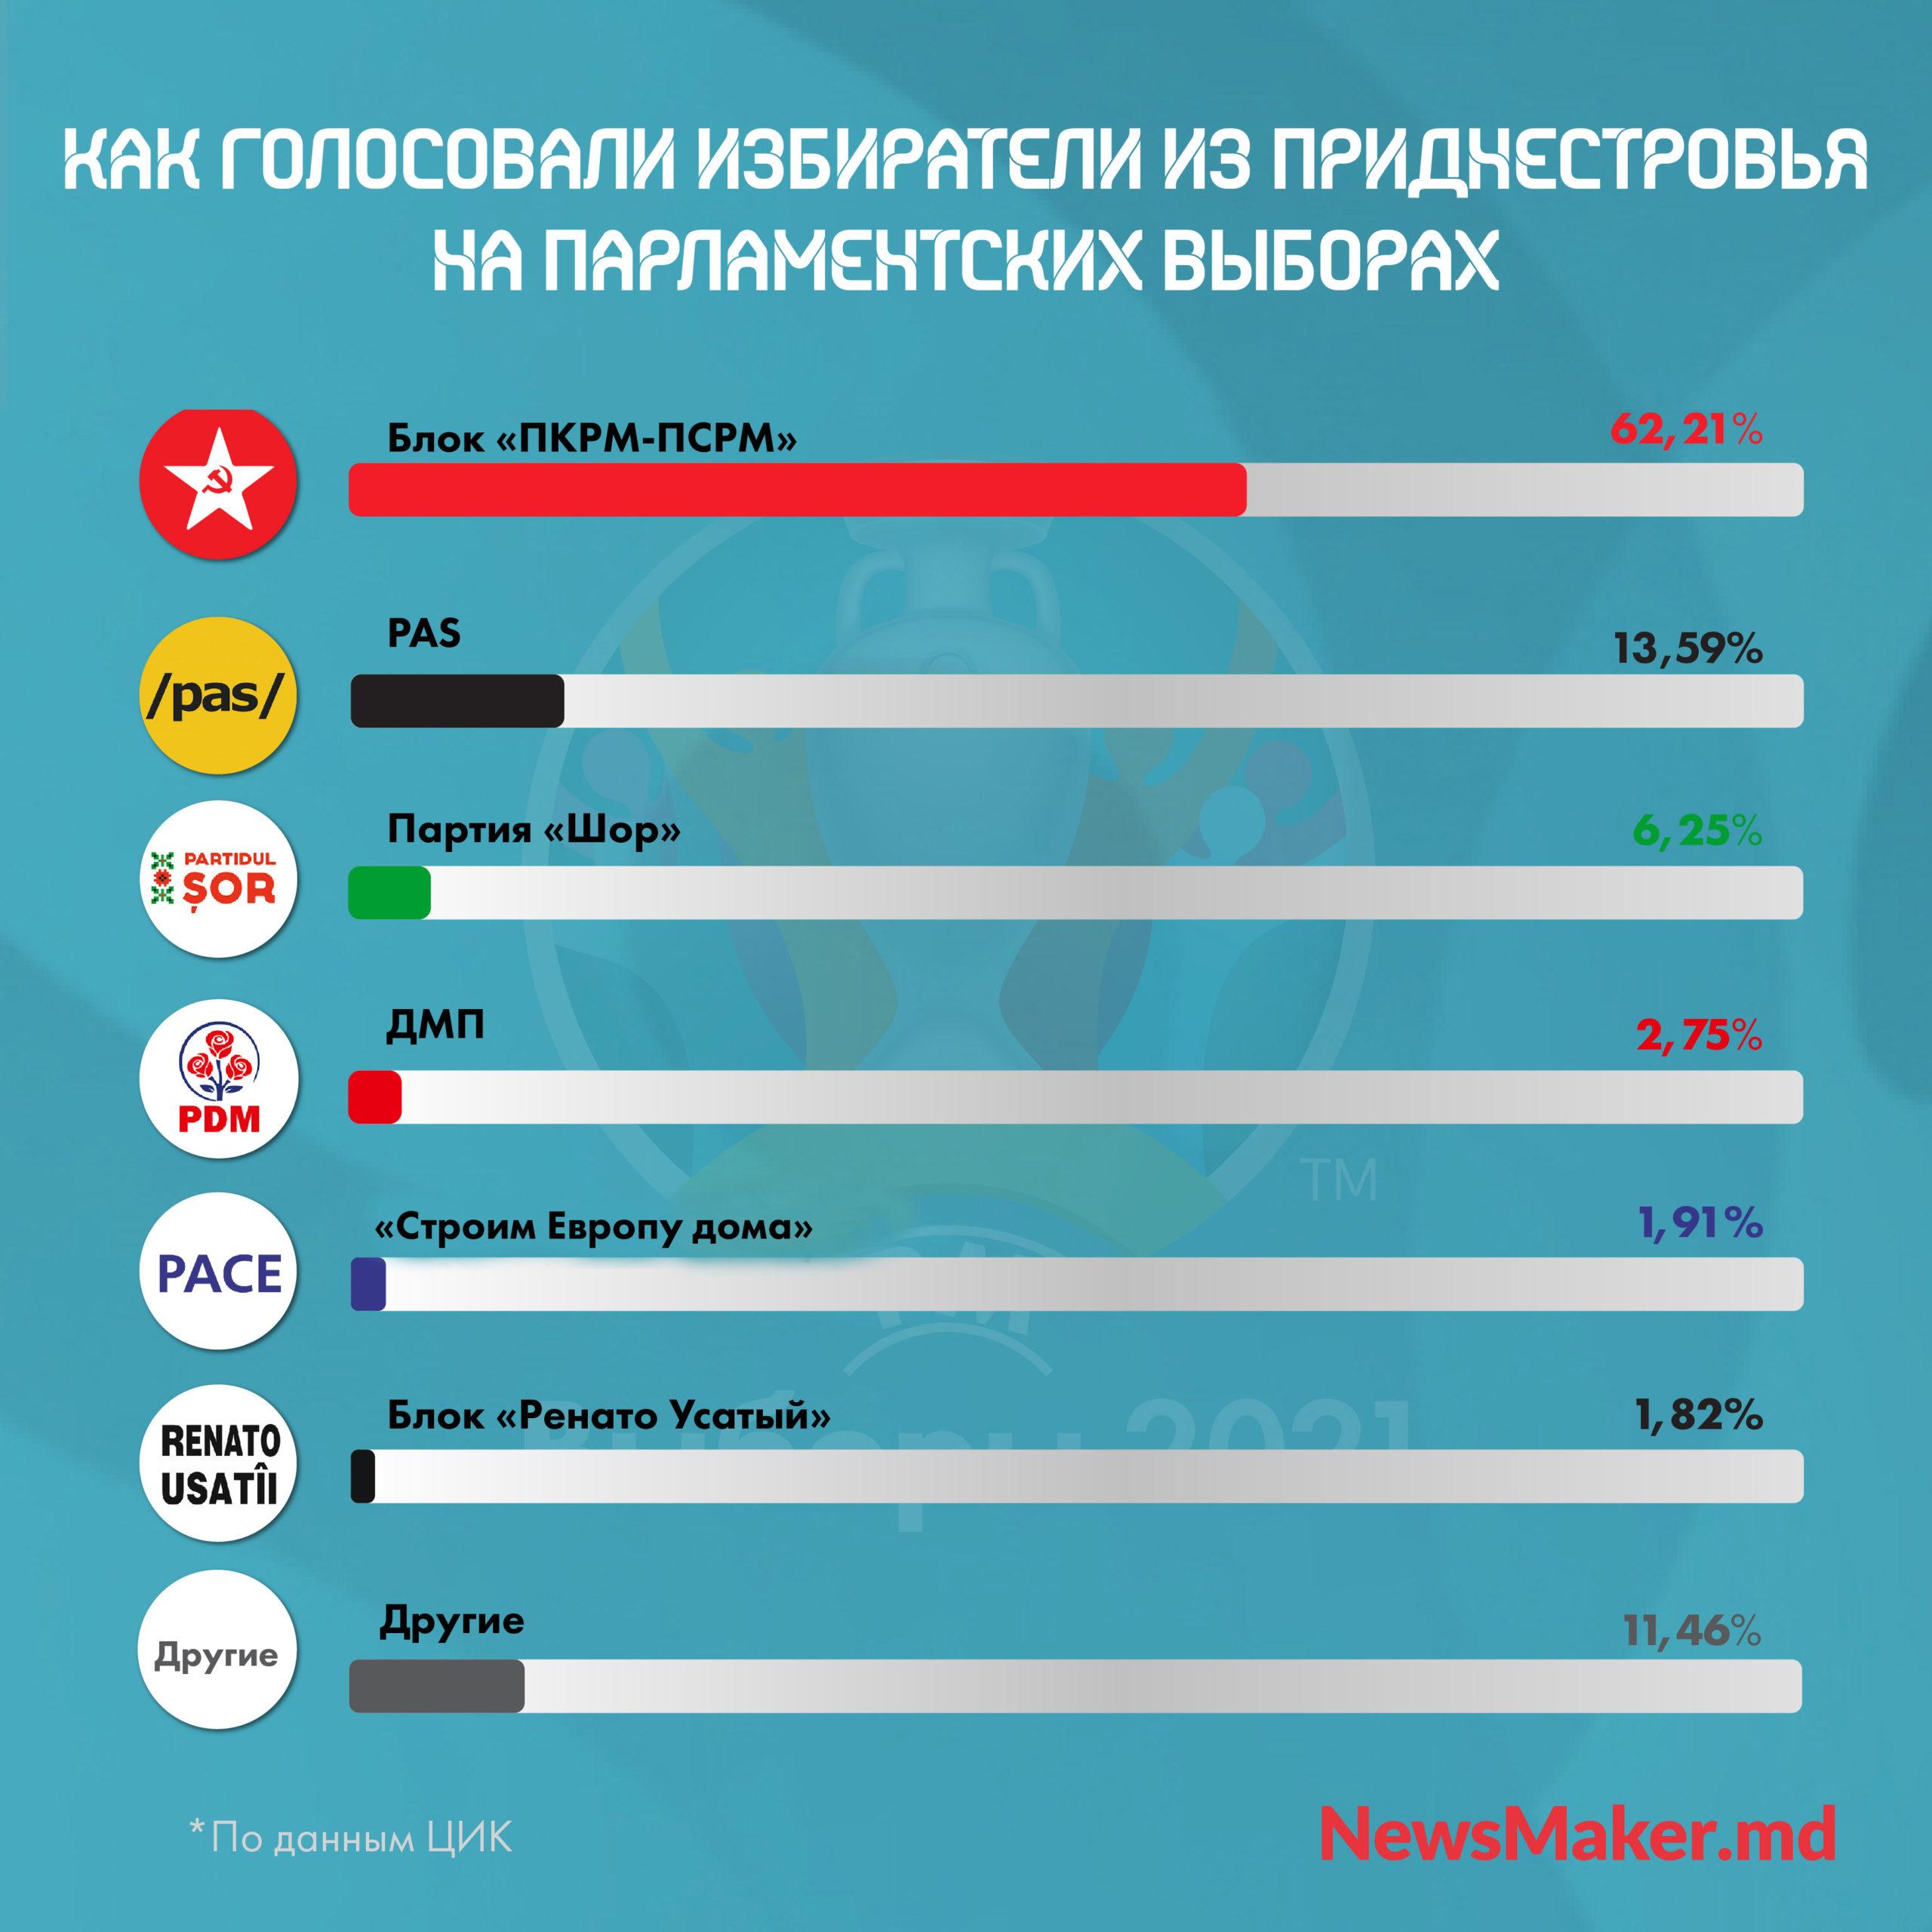 Приднестровье сделало PAS вправо? Как изменяется голосование приднестровцев на выборах в Молдове